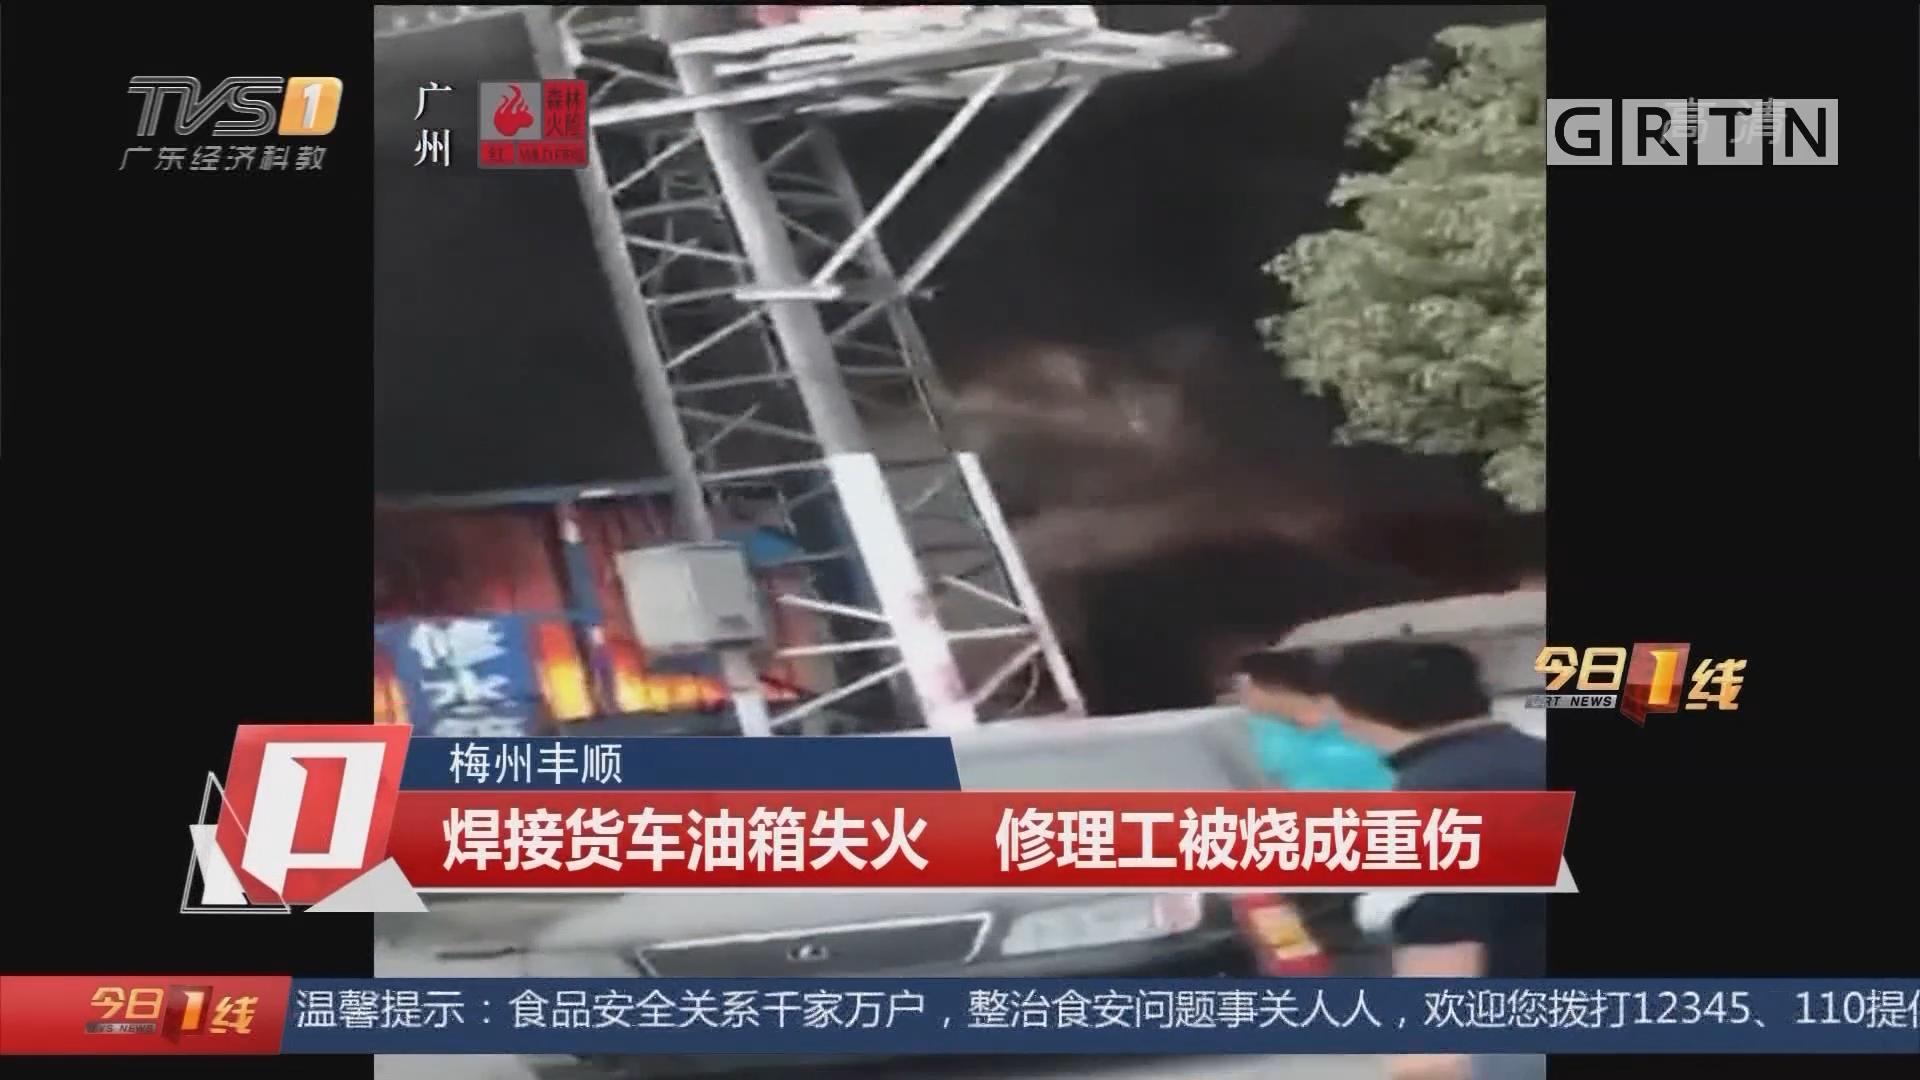 梅州丰顺:焊接货车油箱失火 修理工被烧成重伤